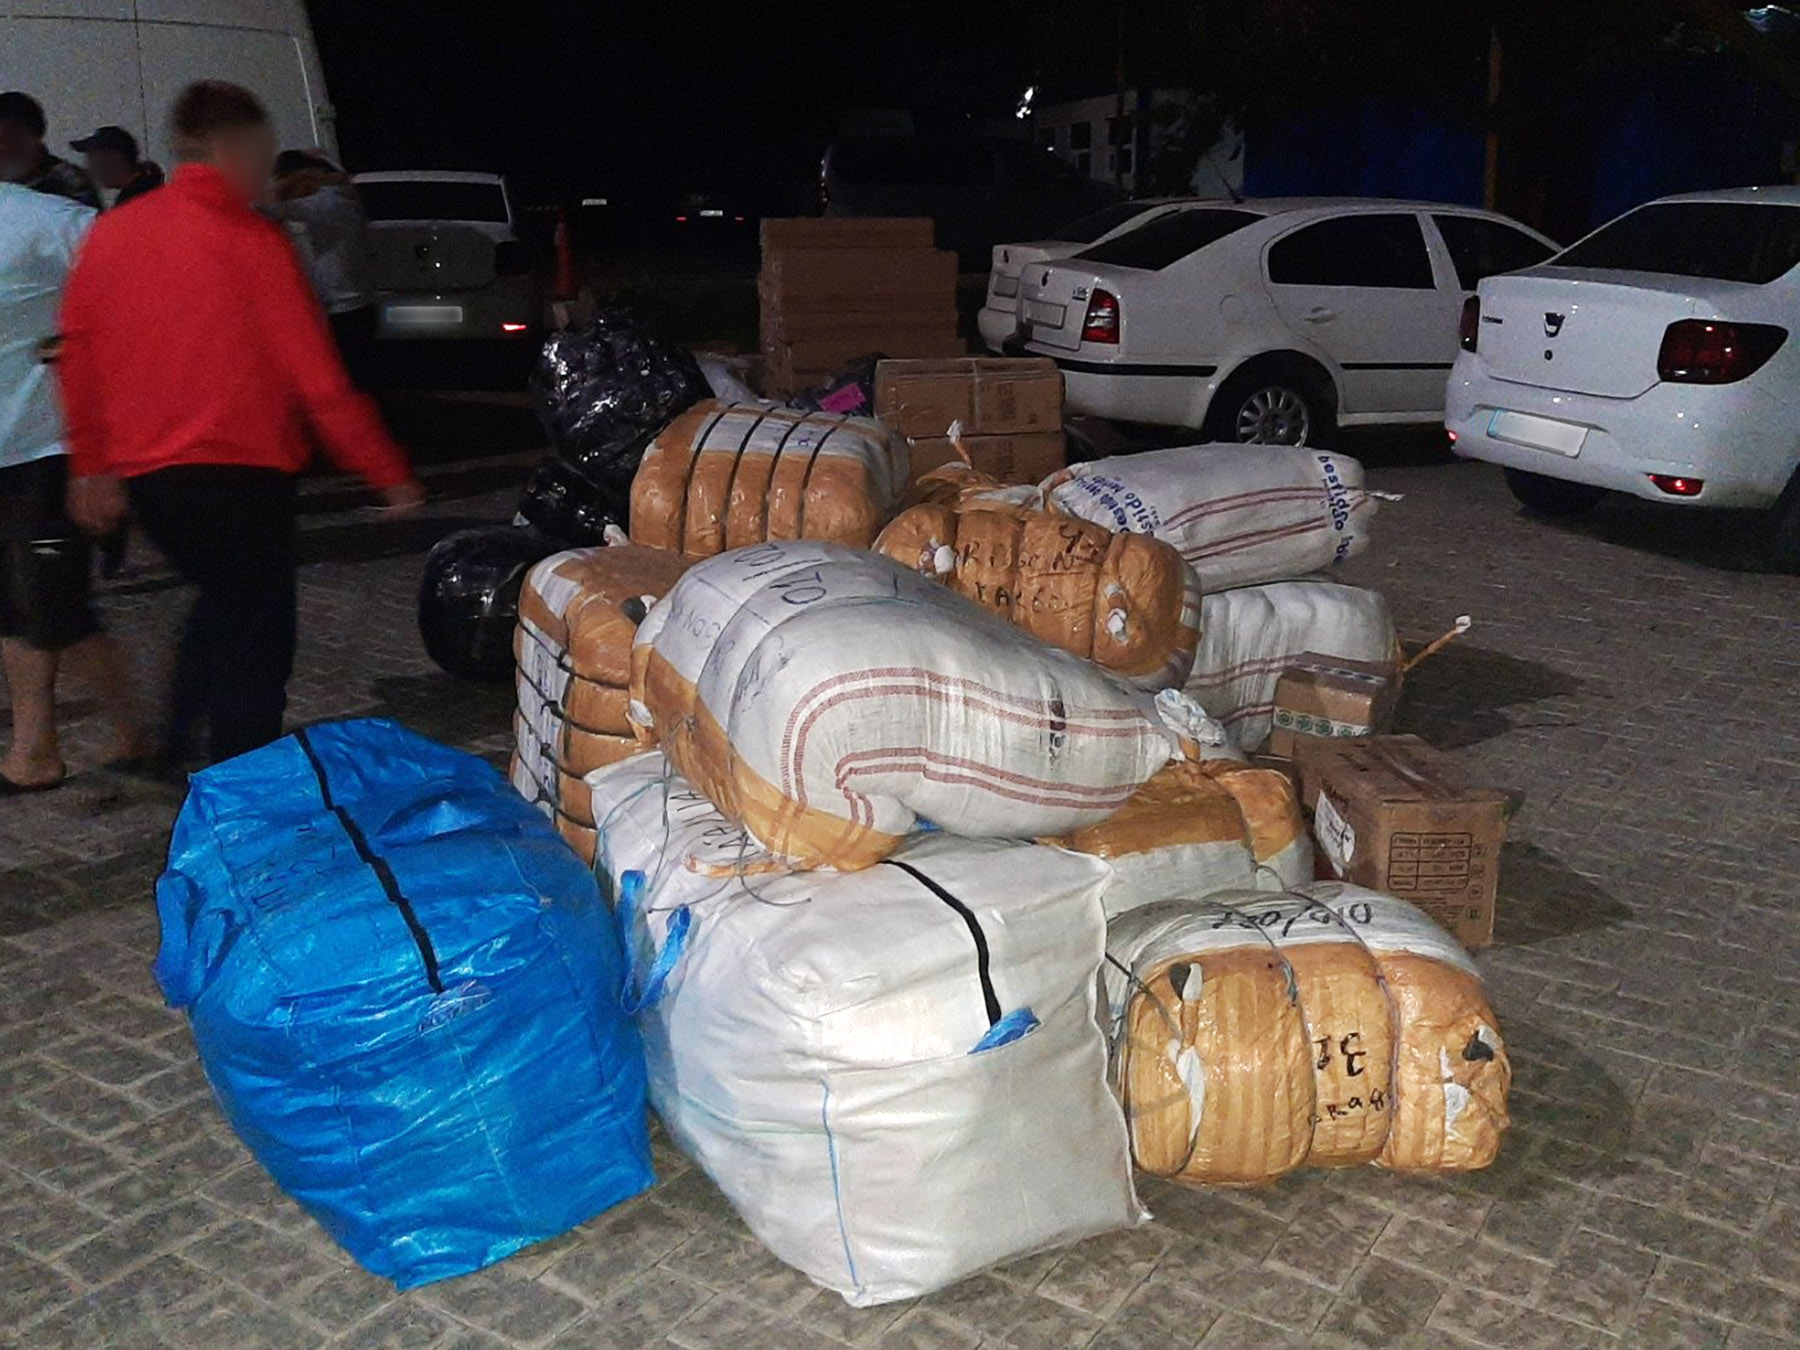 Mărfuri de peste 1 milion de lei din Ucraina, introduse ilegal în R. Moldova. Contrabandiștii riscă până la 10 ani de închisoare (VIDEO)